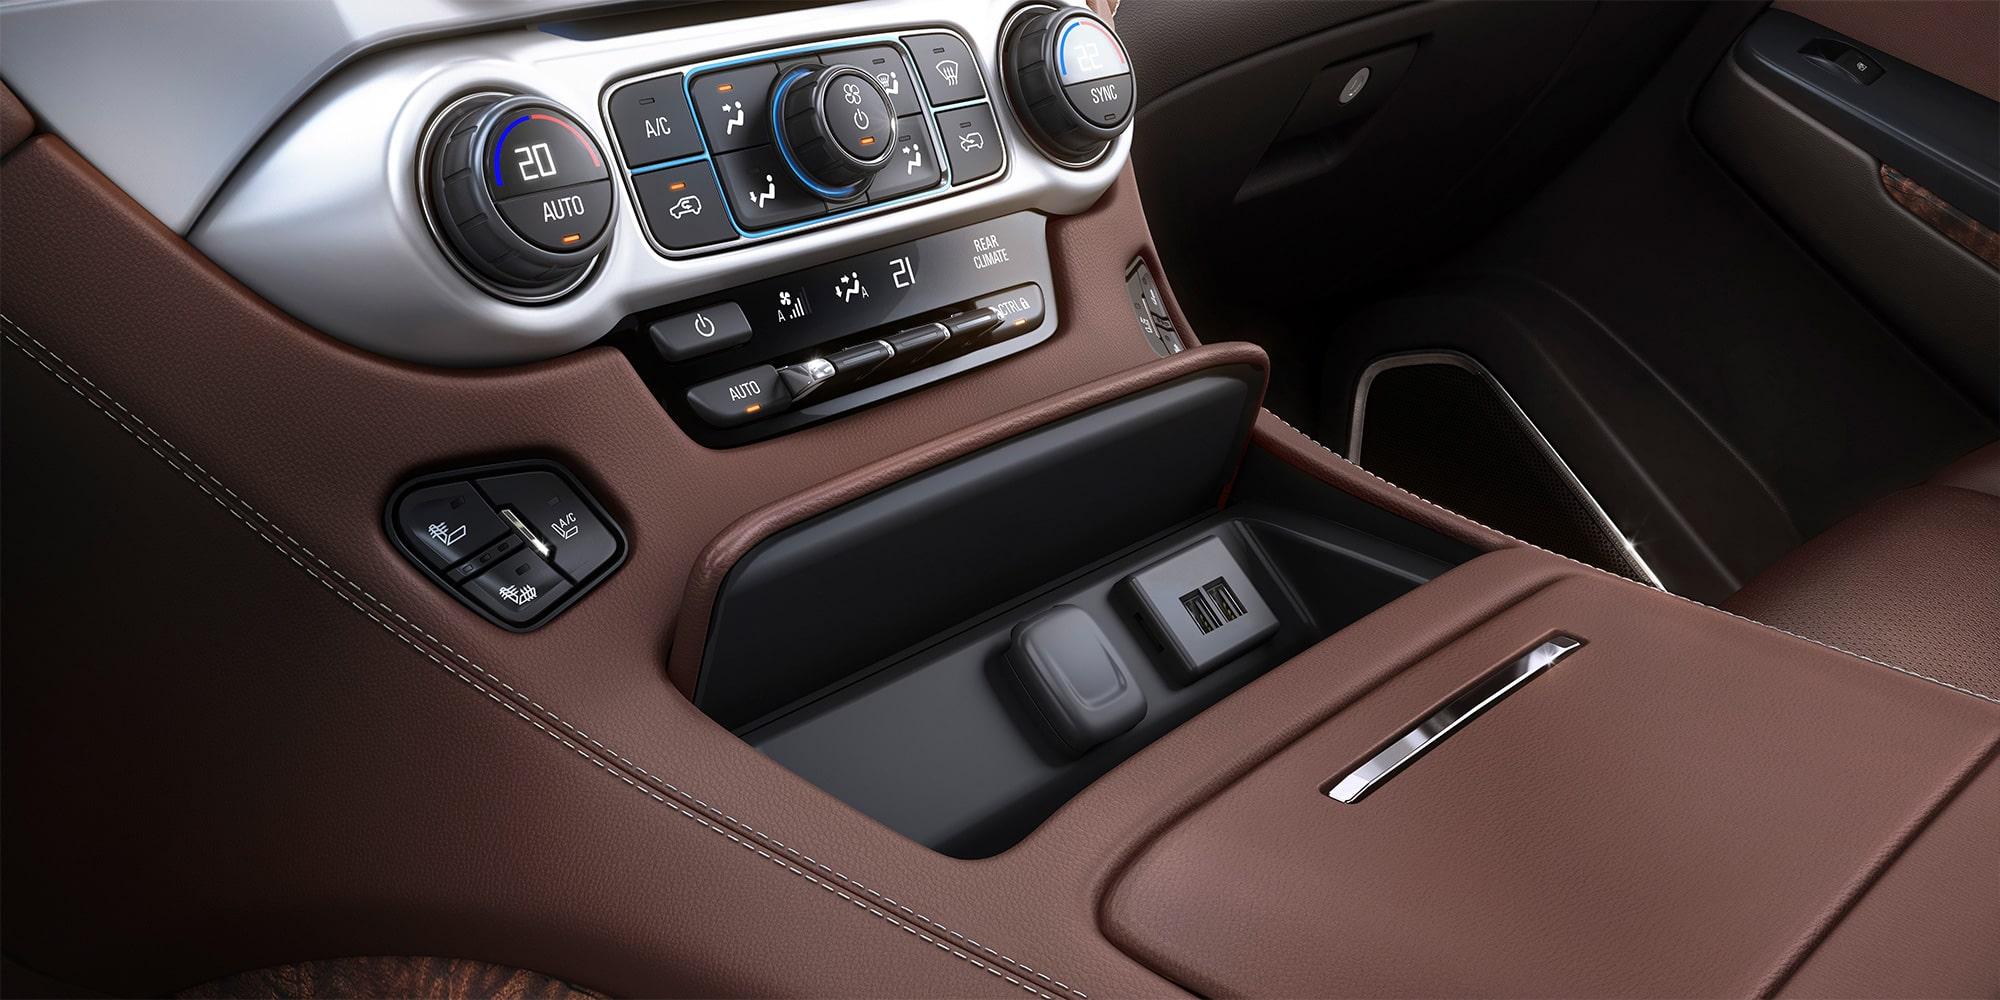 Chevrolet Suburban 2018 camioneta de lujo que incluye cargador inalámbrico y Smartphone Integration con Apple CarPlay y Android Auto